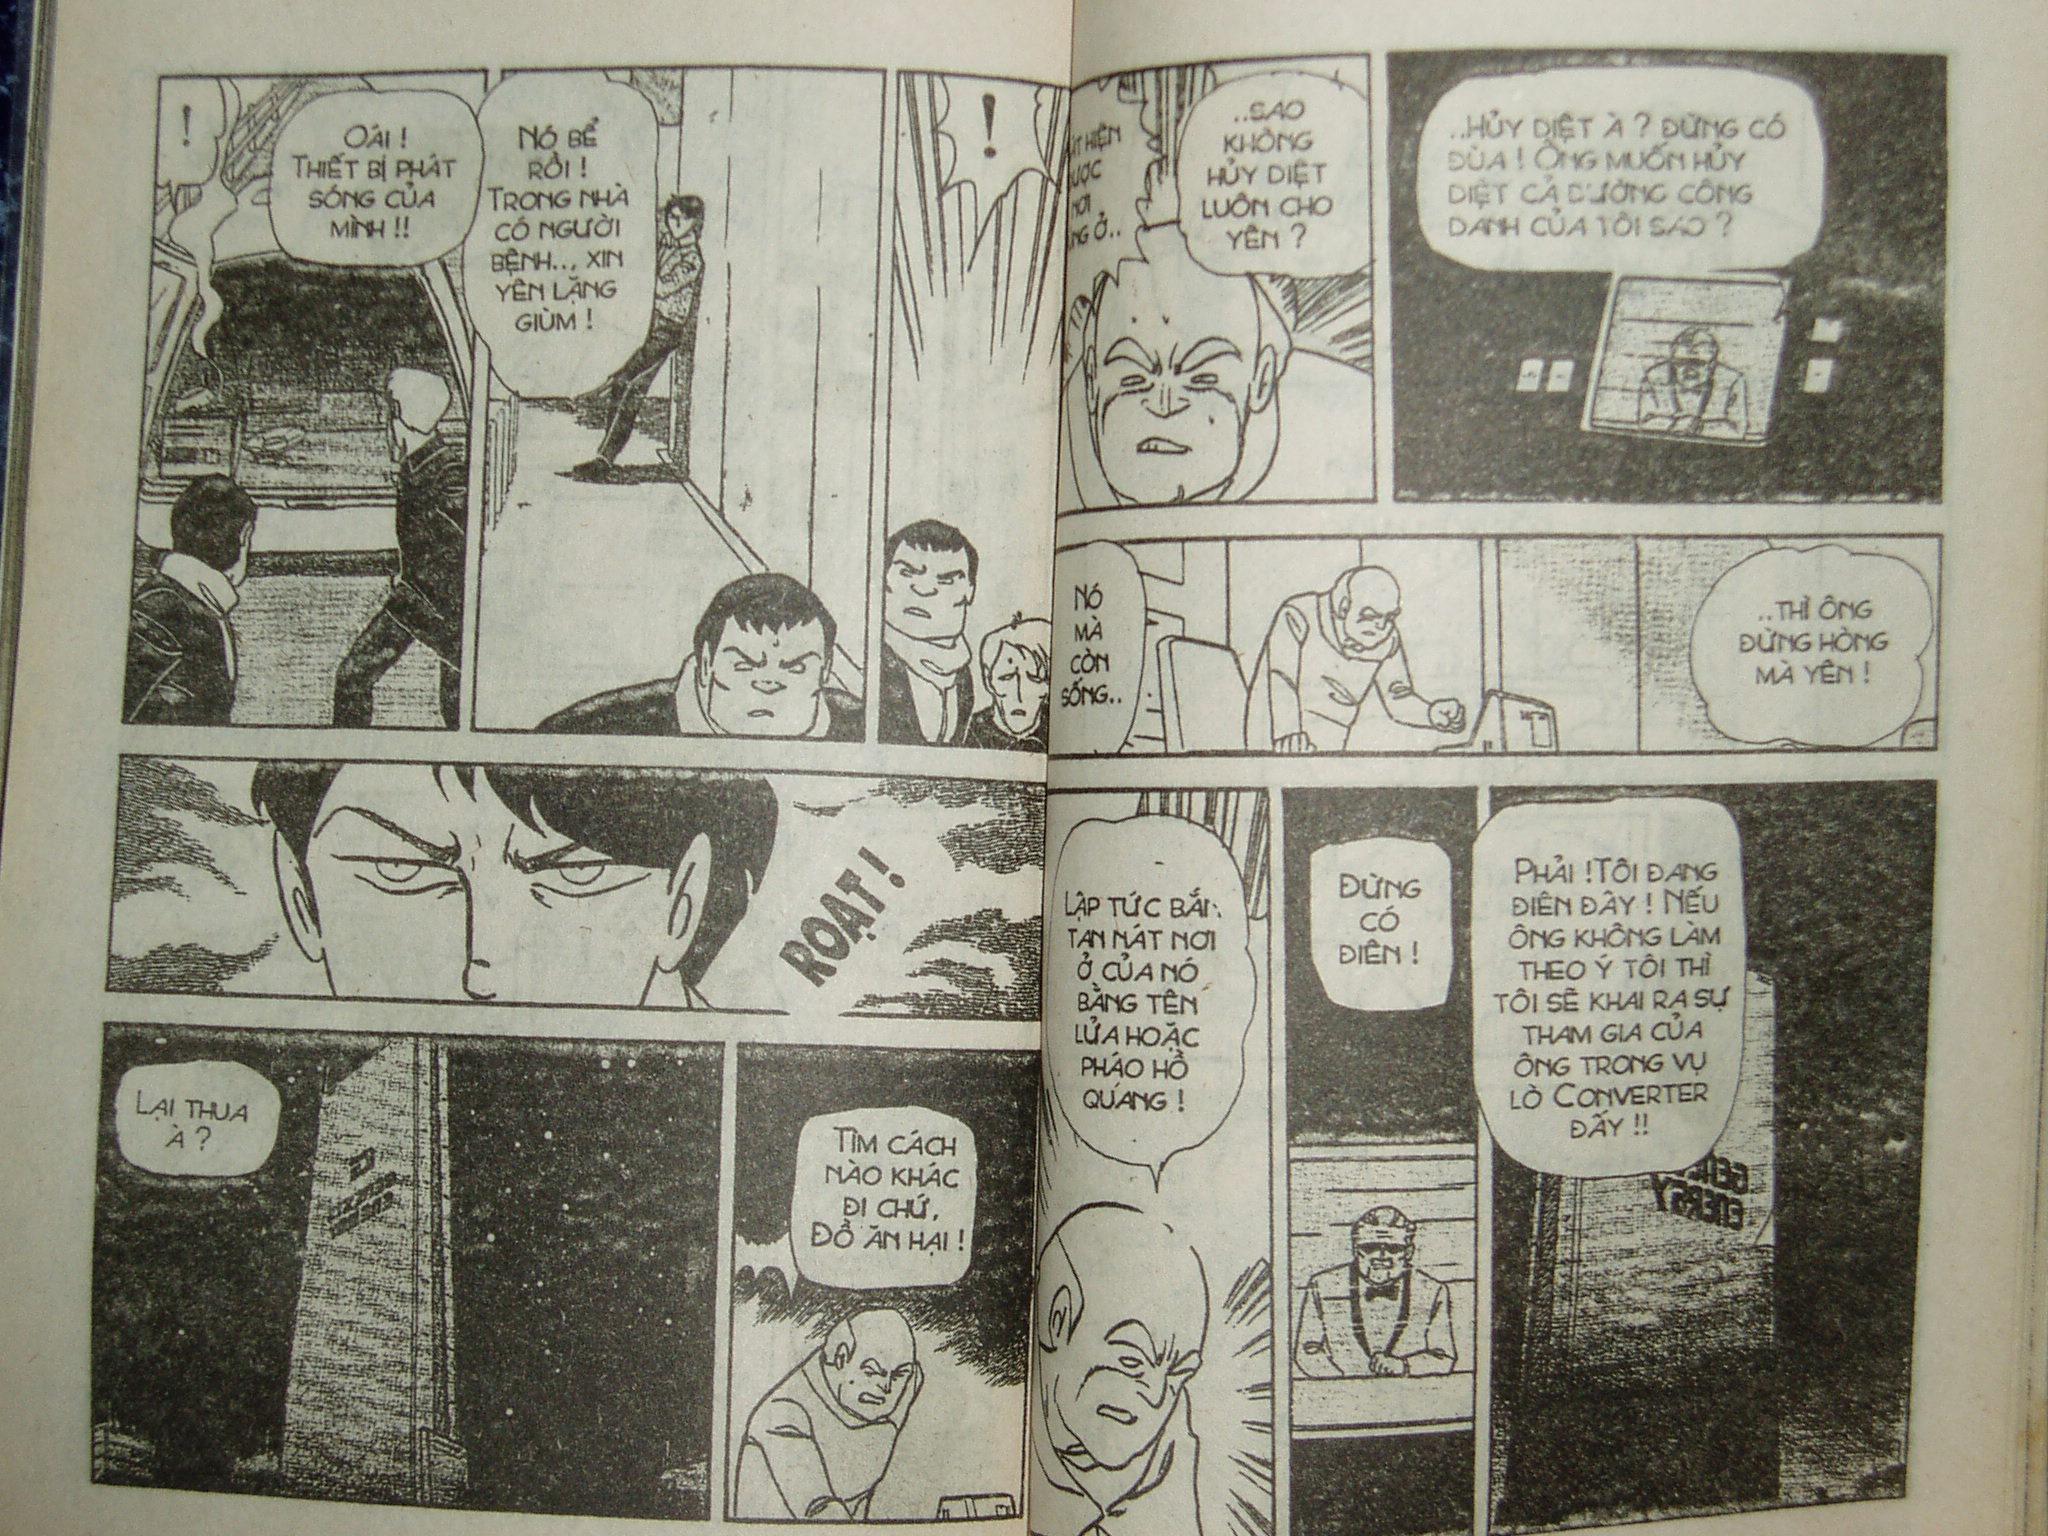 Siêu nhân Locke vol 14 trang 68